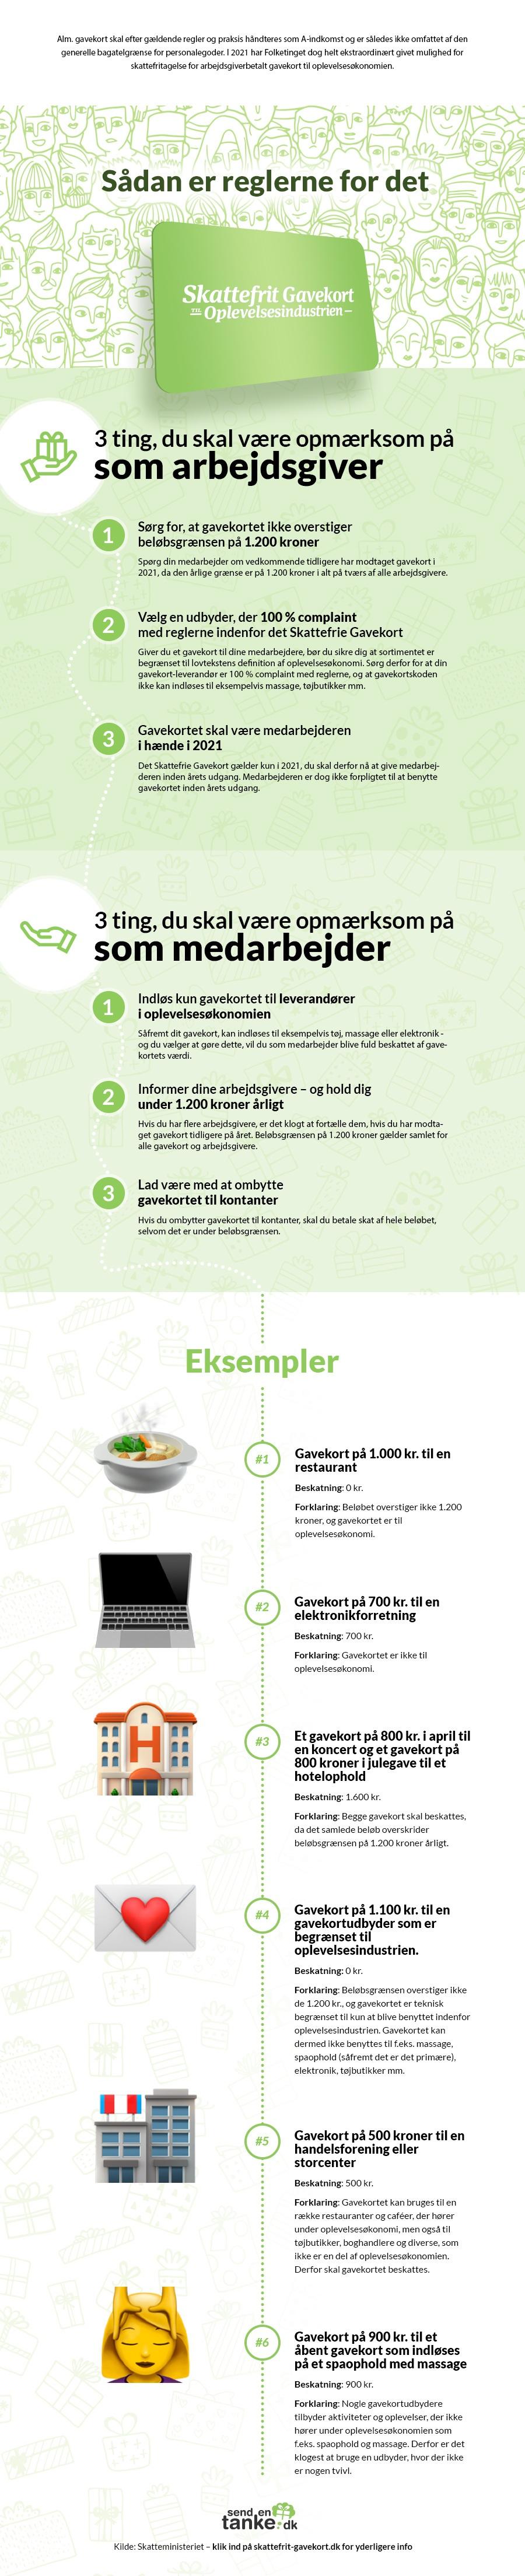 skattefrie gavekort infografik